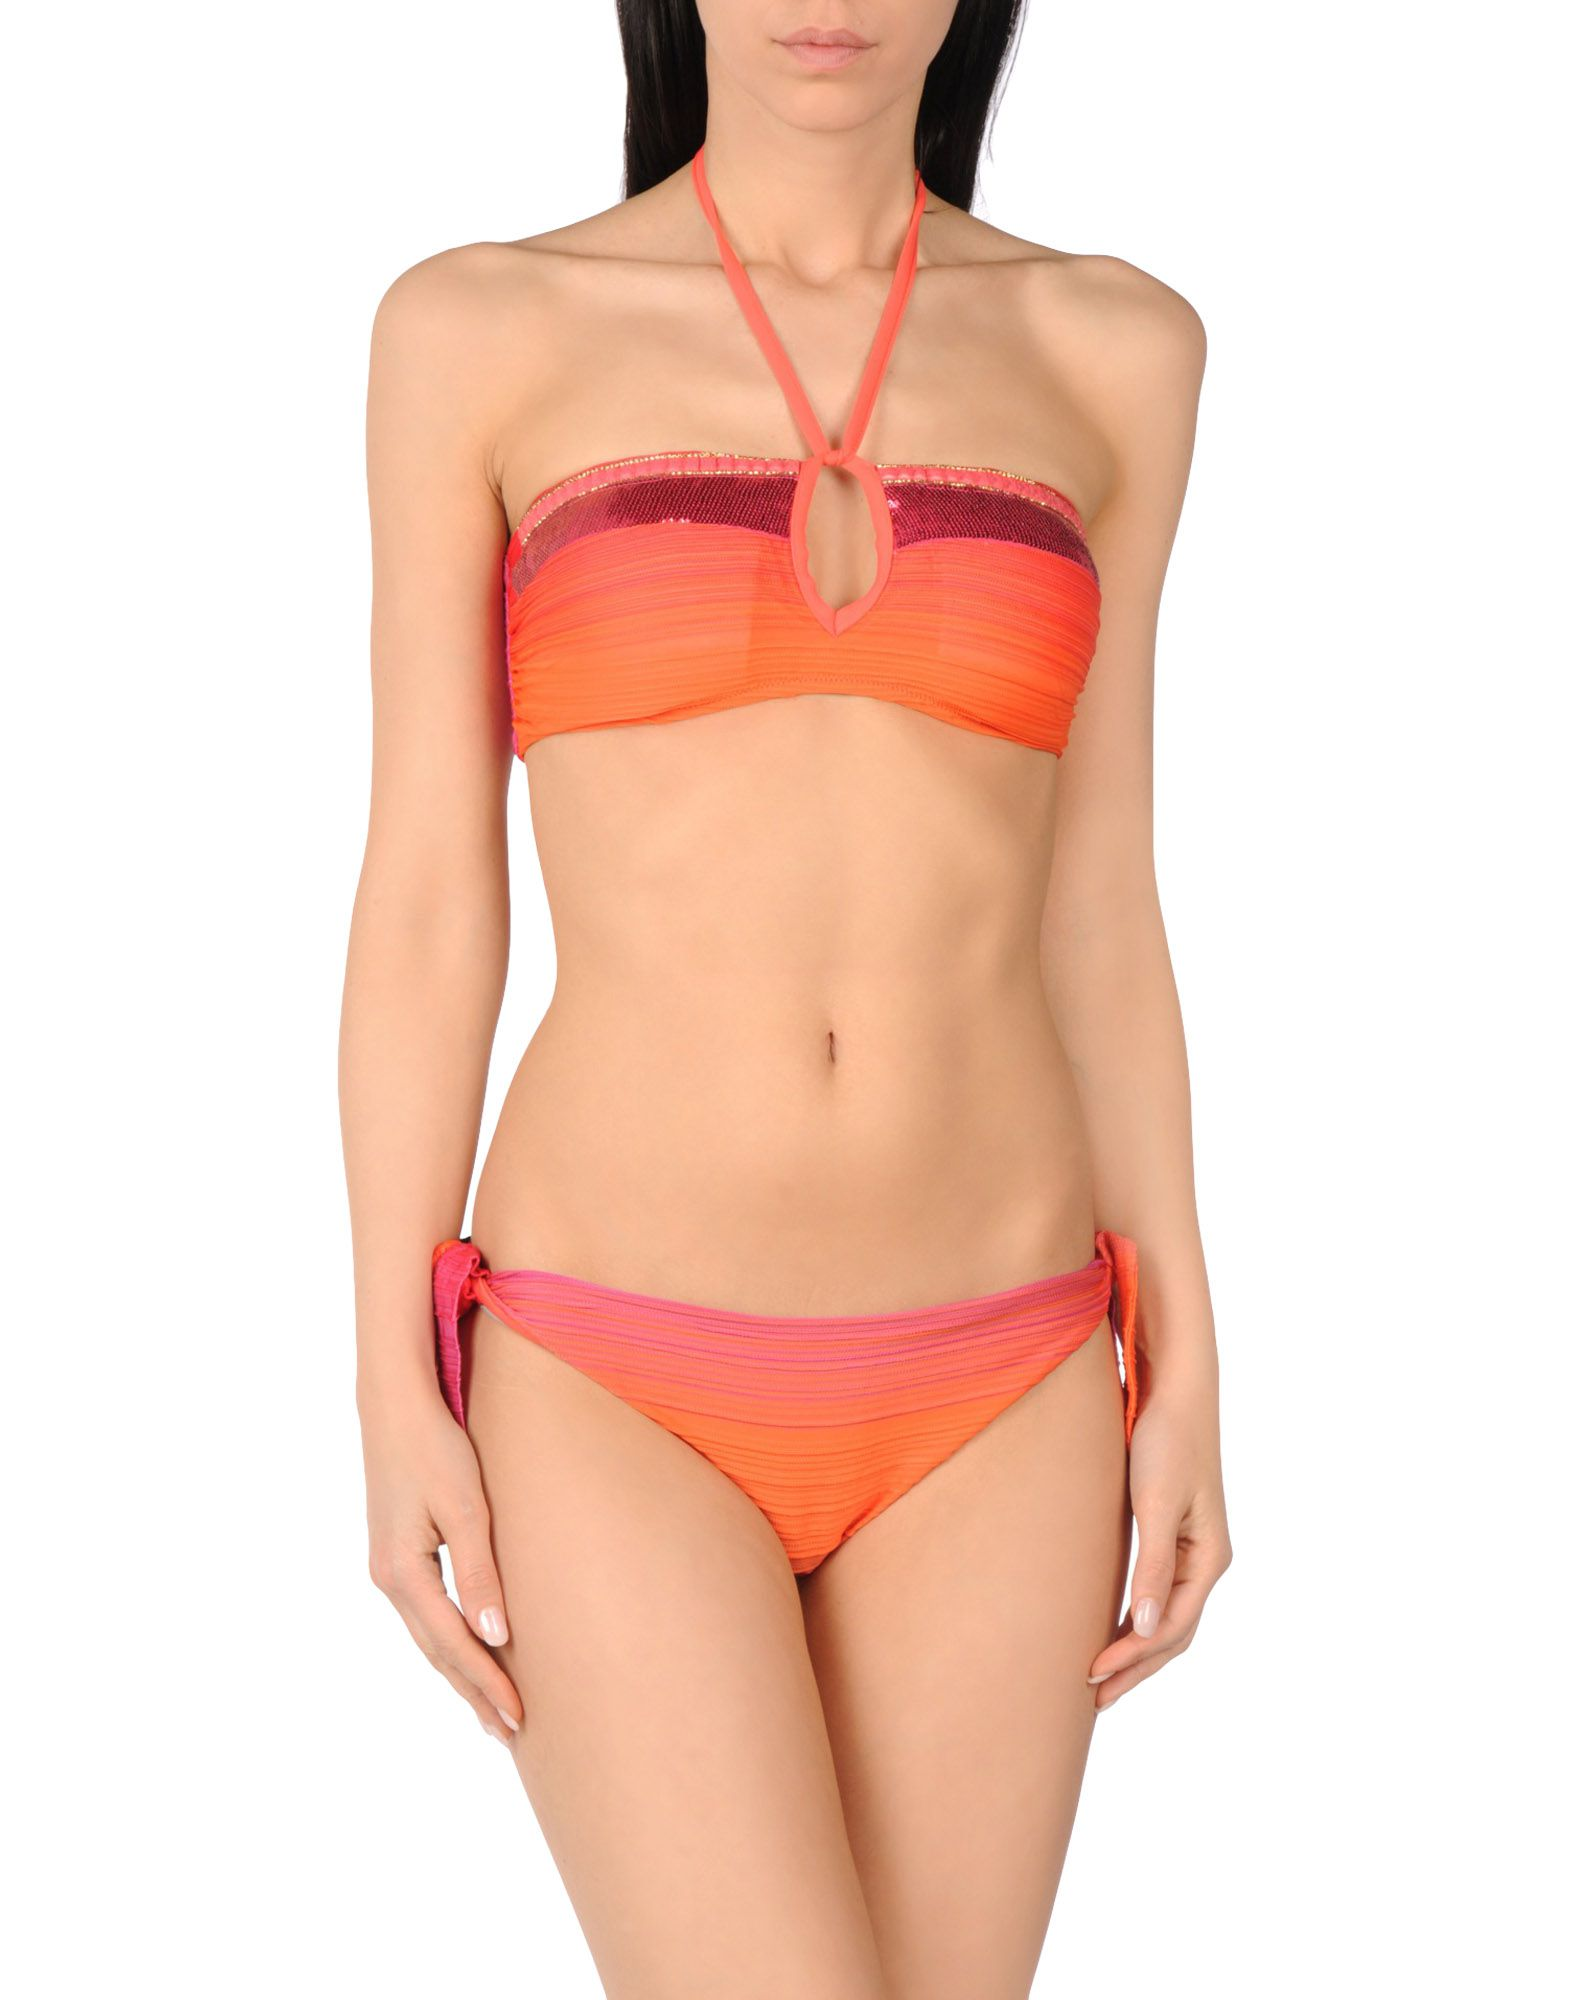 MISS BIKINI LUXE Бикини brazilian tanga bikini 2016 swimwear women big bow thong bikini bottom sexy brazilian biquini bralette trajes de bano women